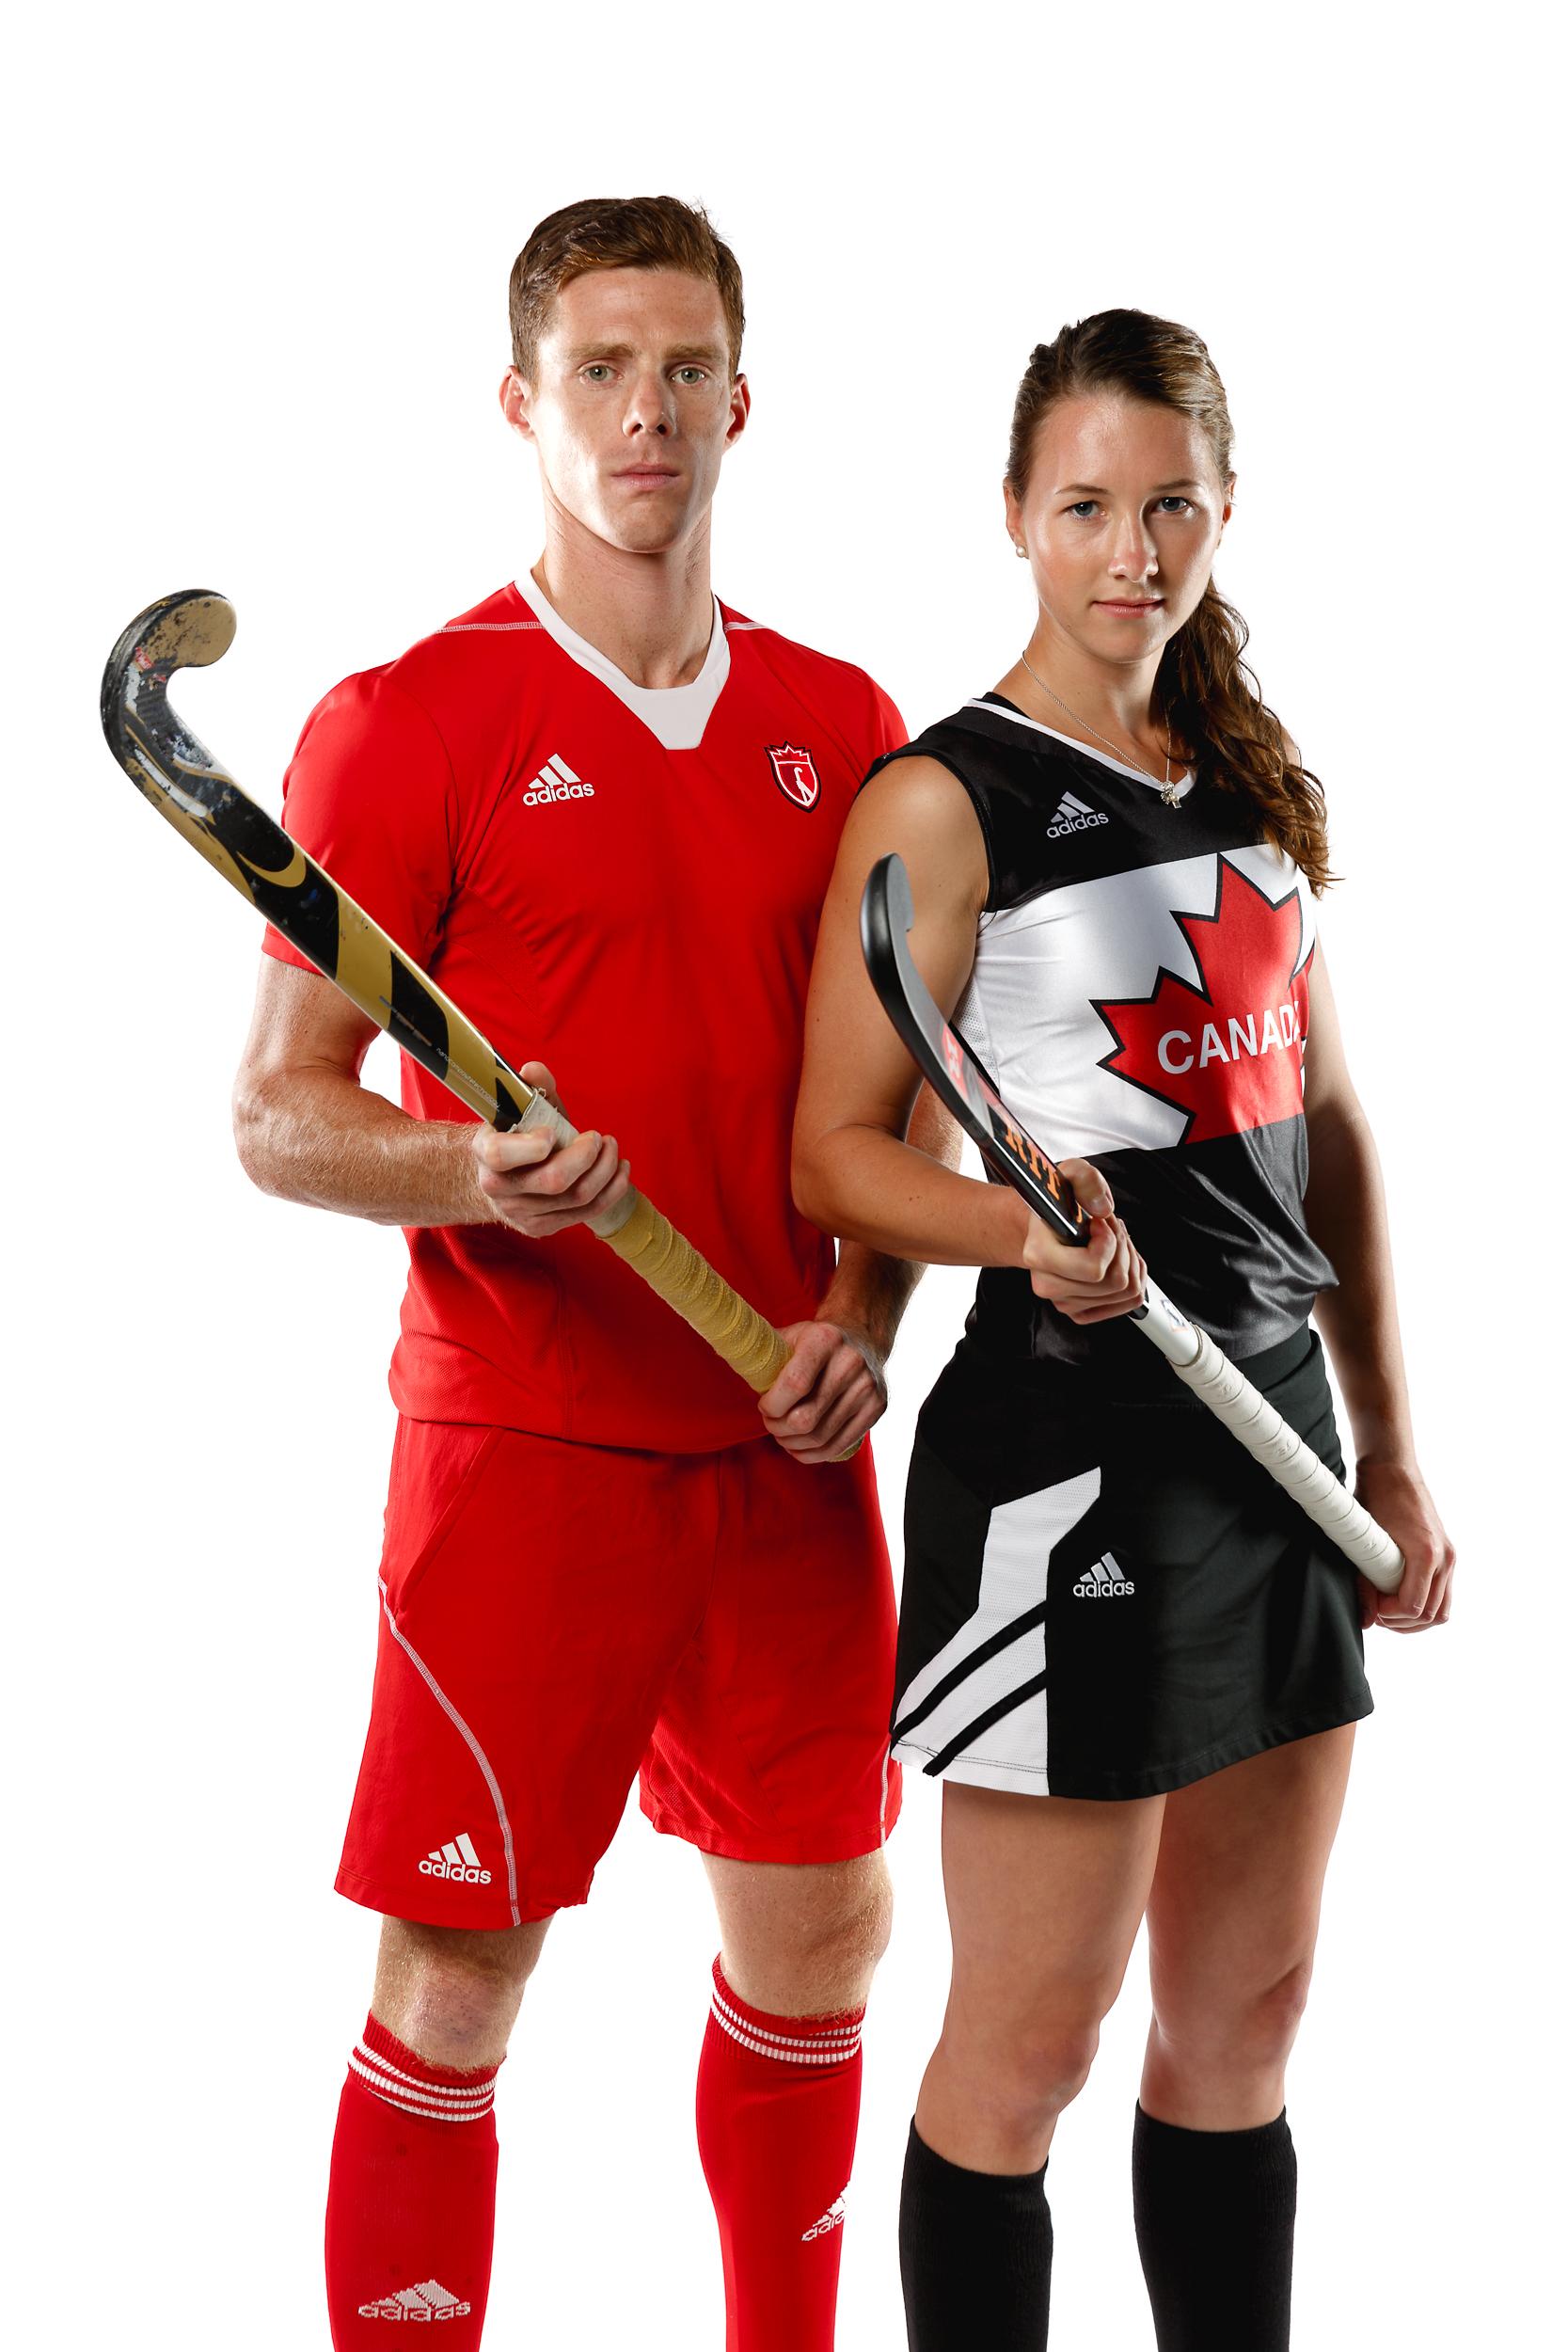 Field-Hockey-Canada-photo3.jpg